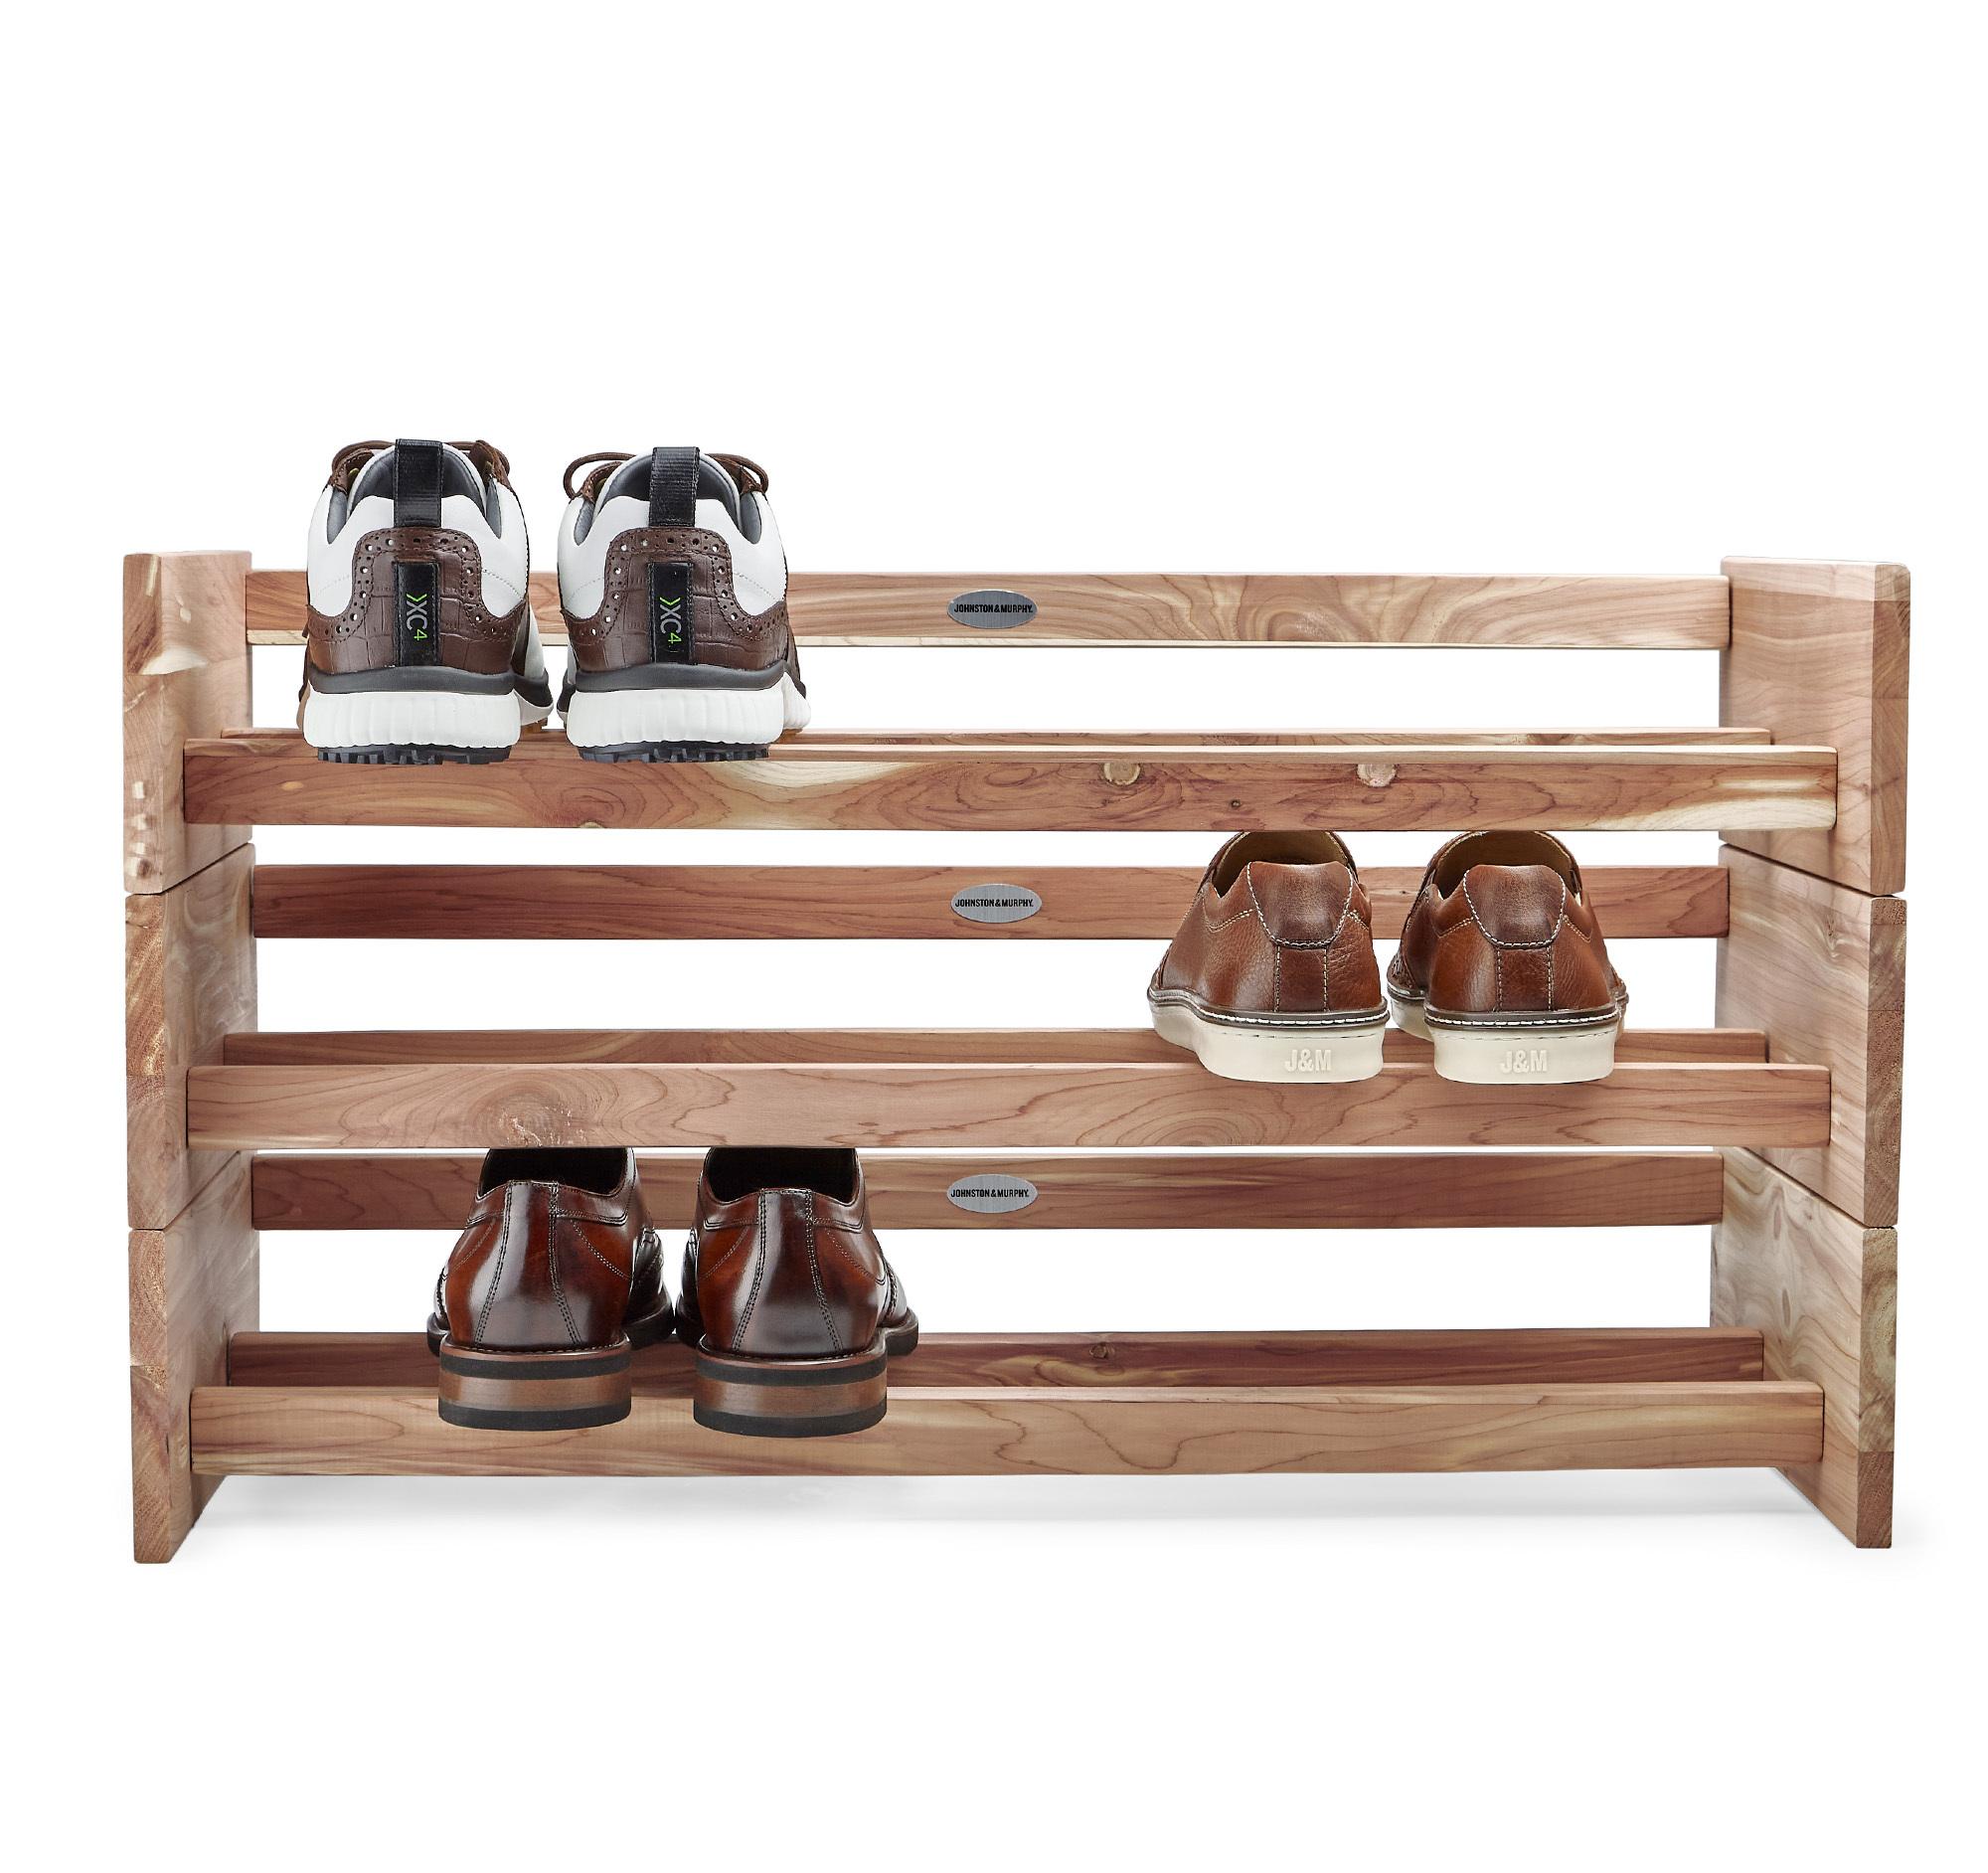 shoe johnlewis pdp cheap com at rsp john lewis online buyjohn black tier rack main